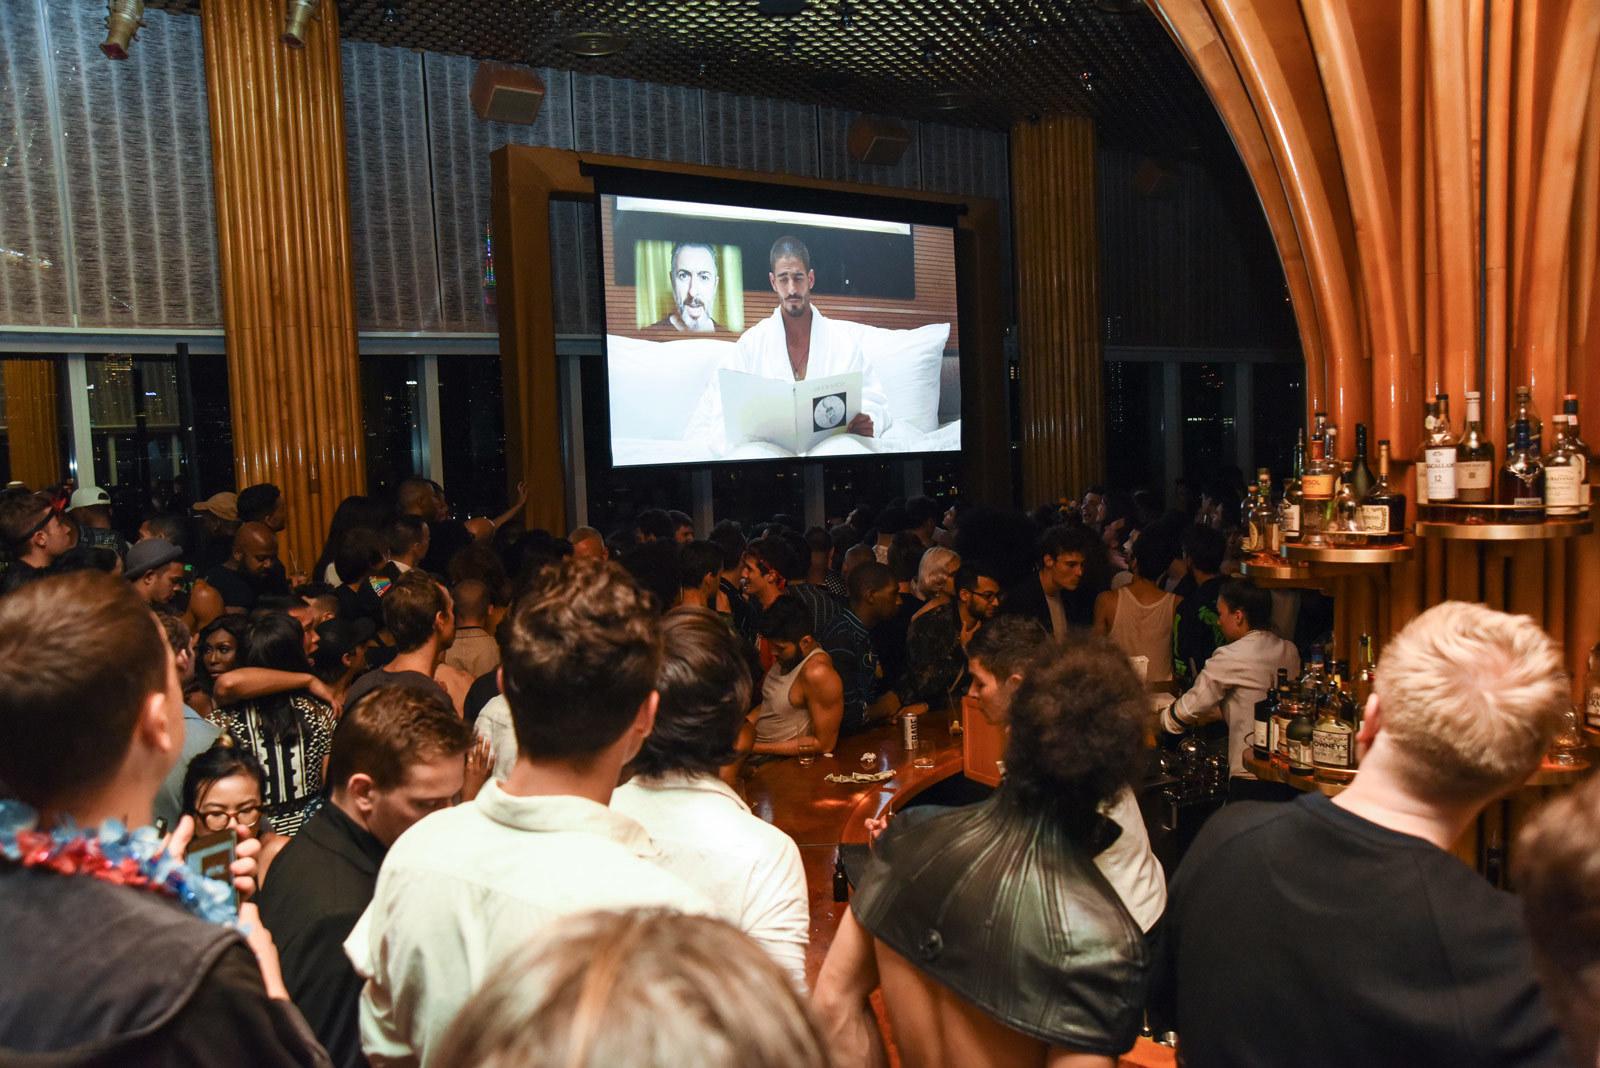 large_Party-Shot-2-Film-Screening.jpg